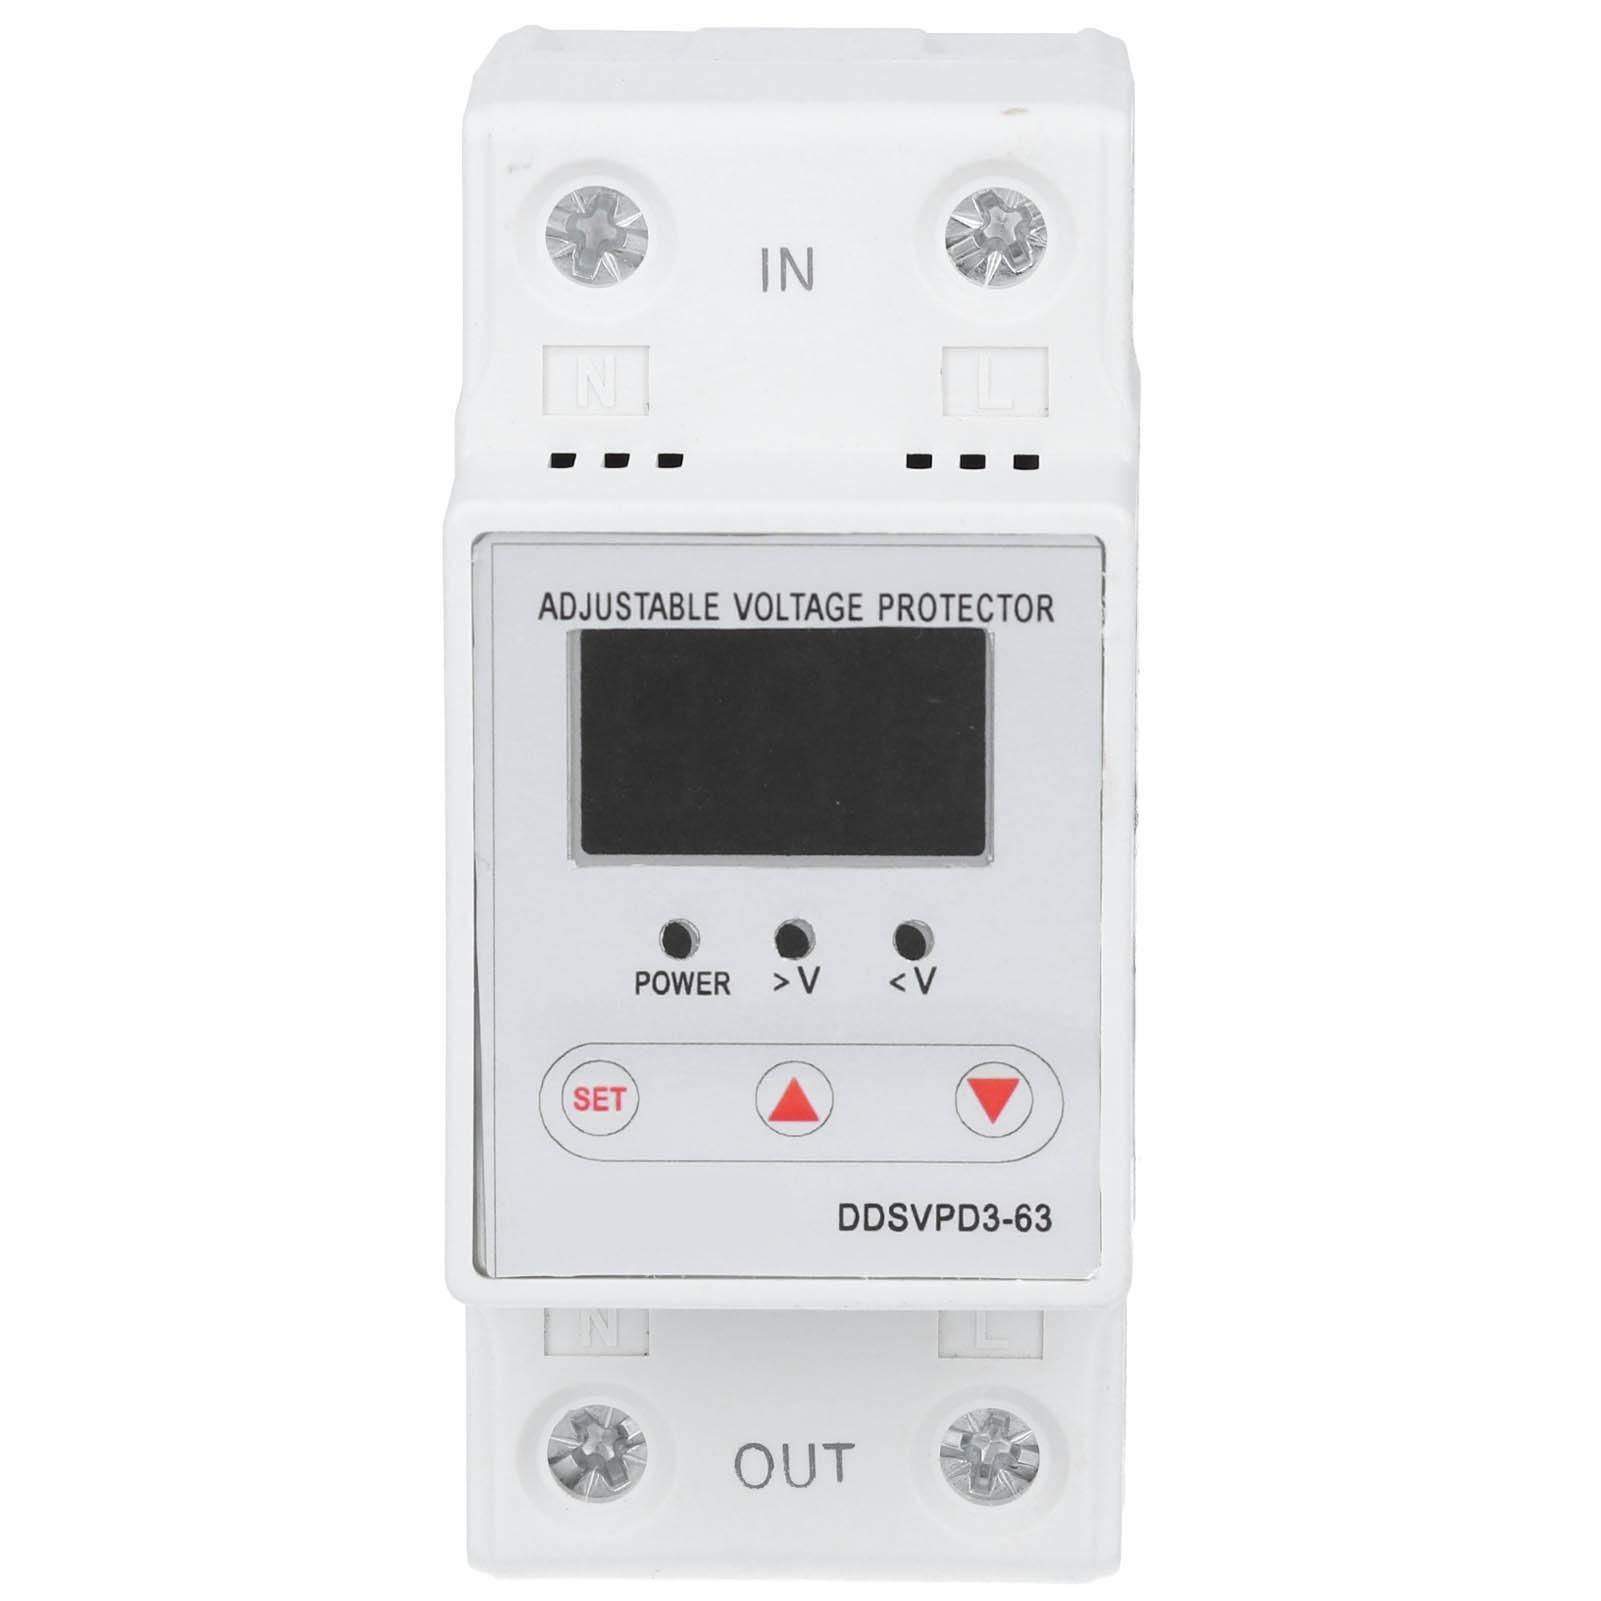 الجهد إعادة جهاز DDSVPD3-63 قابل للتعديل الذاتي الانتعاش التلقائي إعادة الجهد حماية جهاز 220V